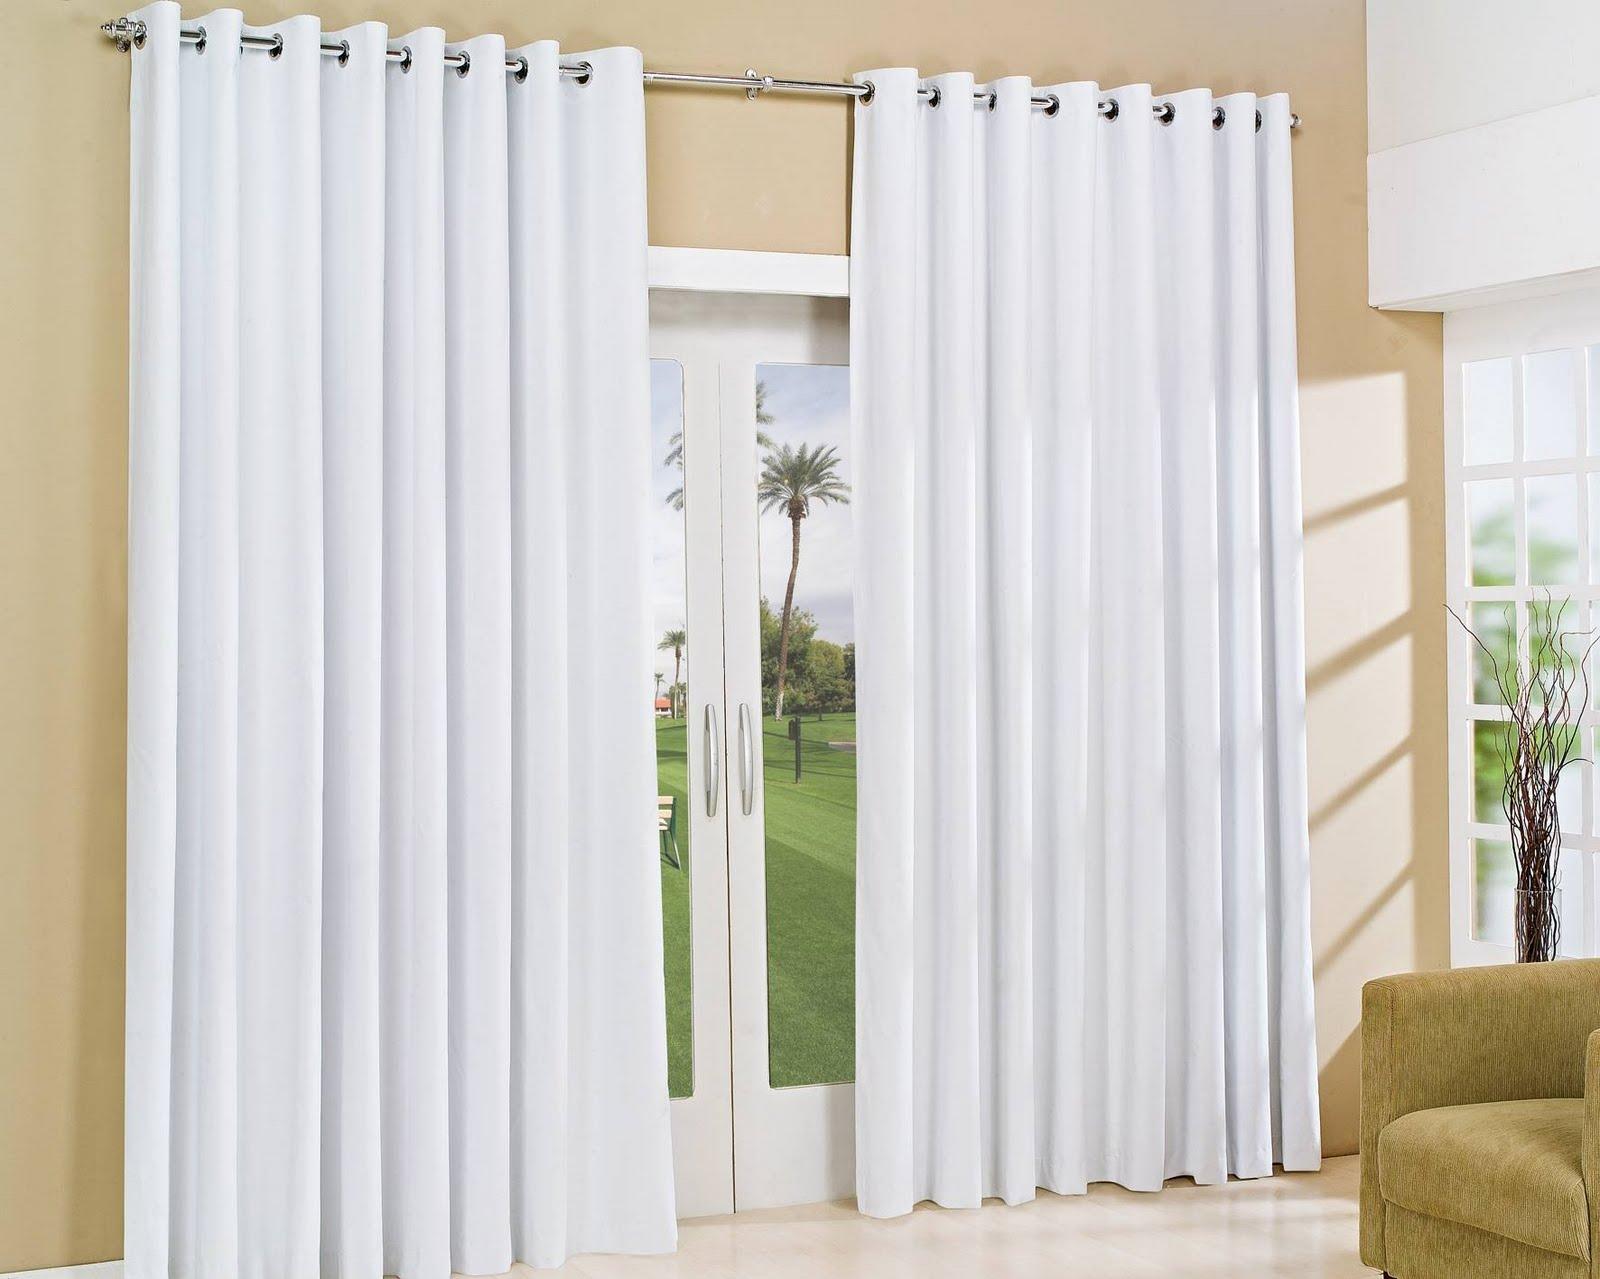 Lavar cortina em casa na maquina de lavar dicas da lucy for Cortinas de casas modernas